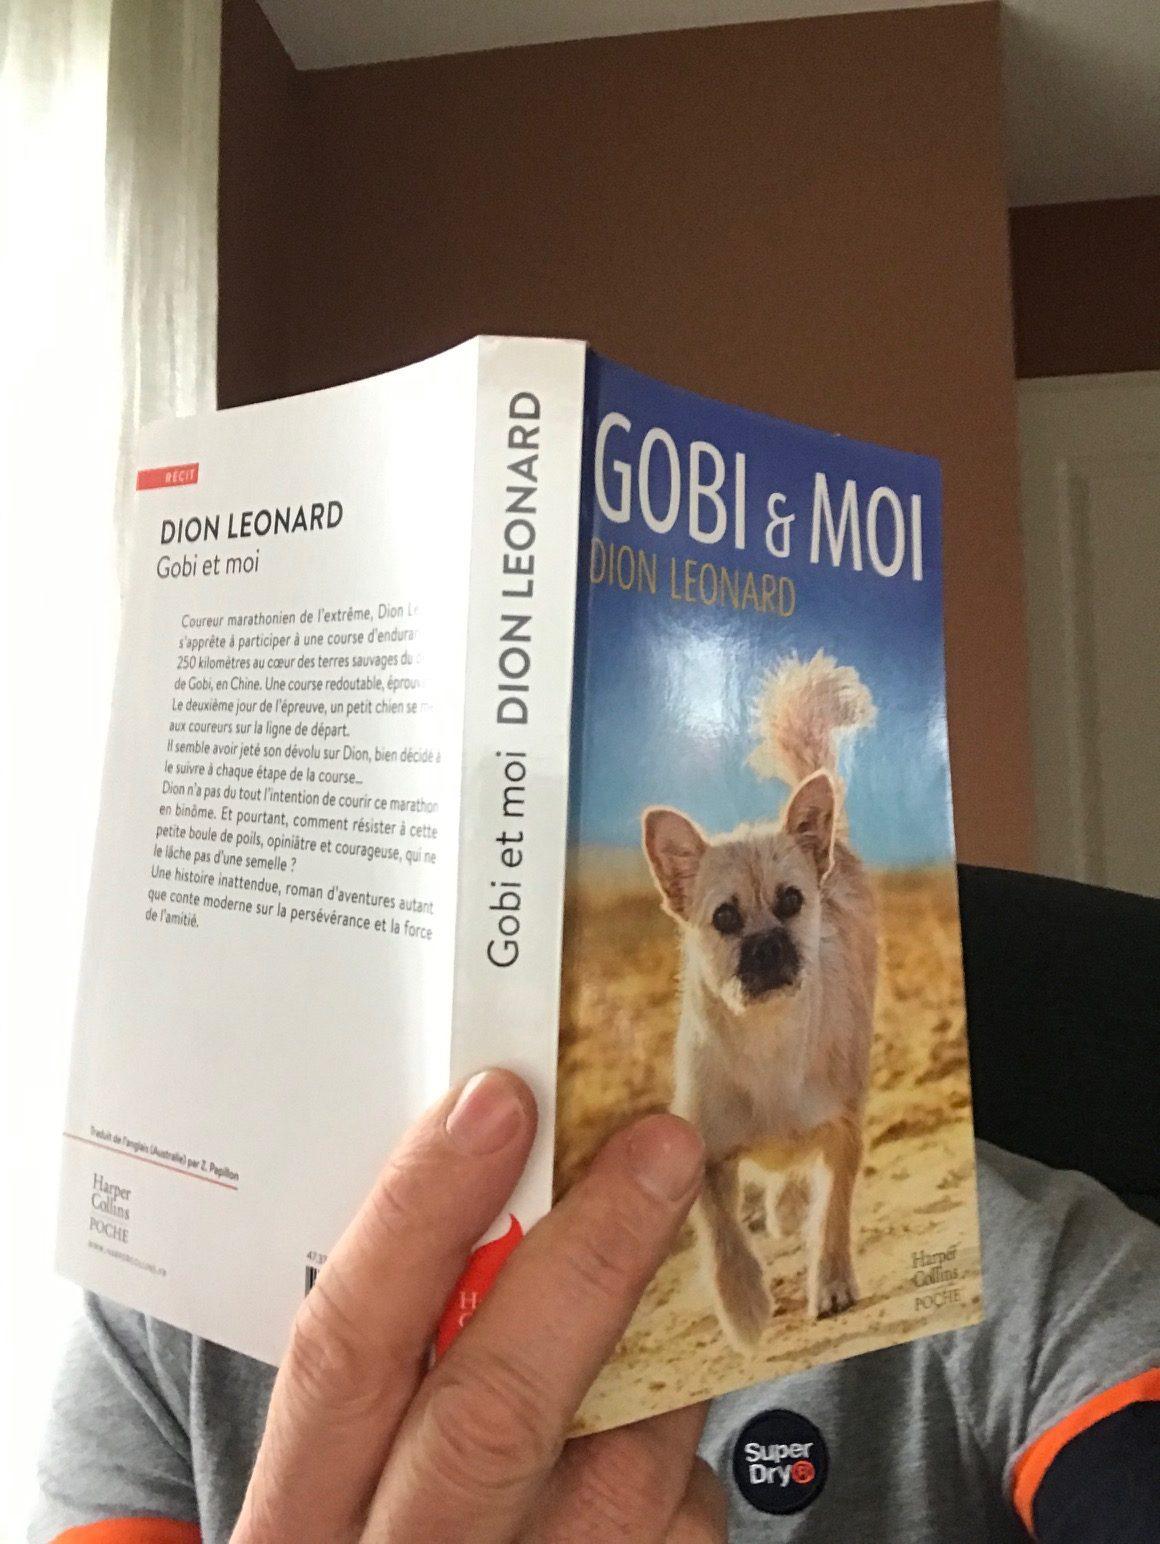 Gobi et moi